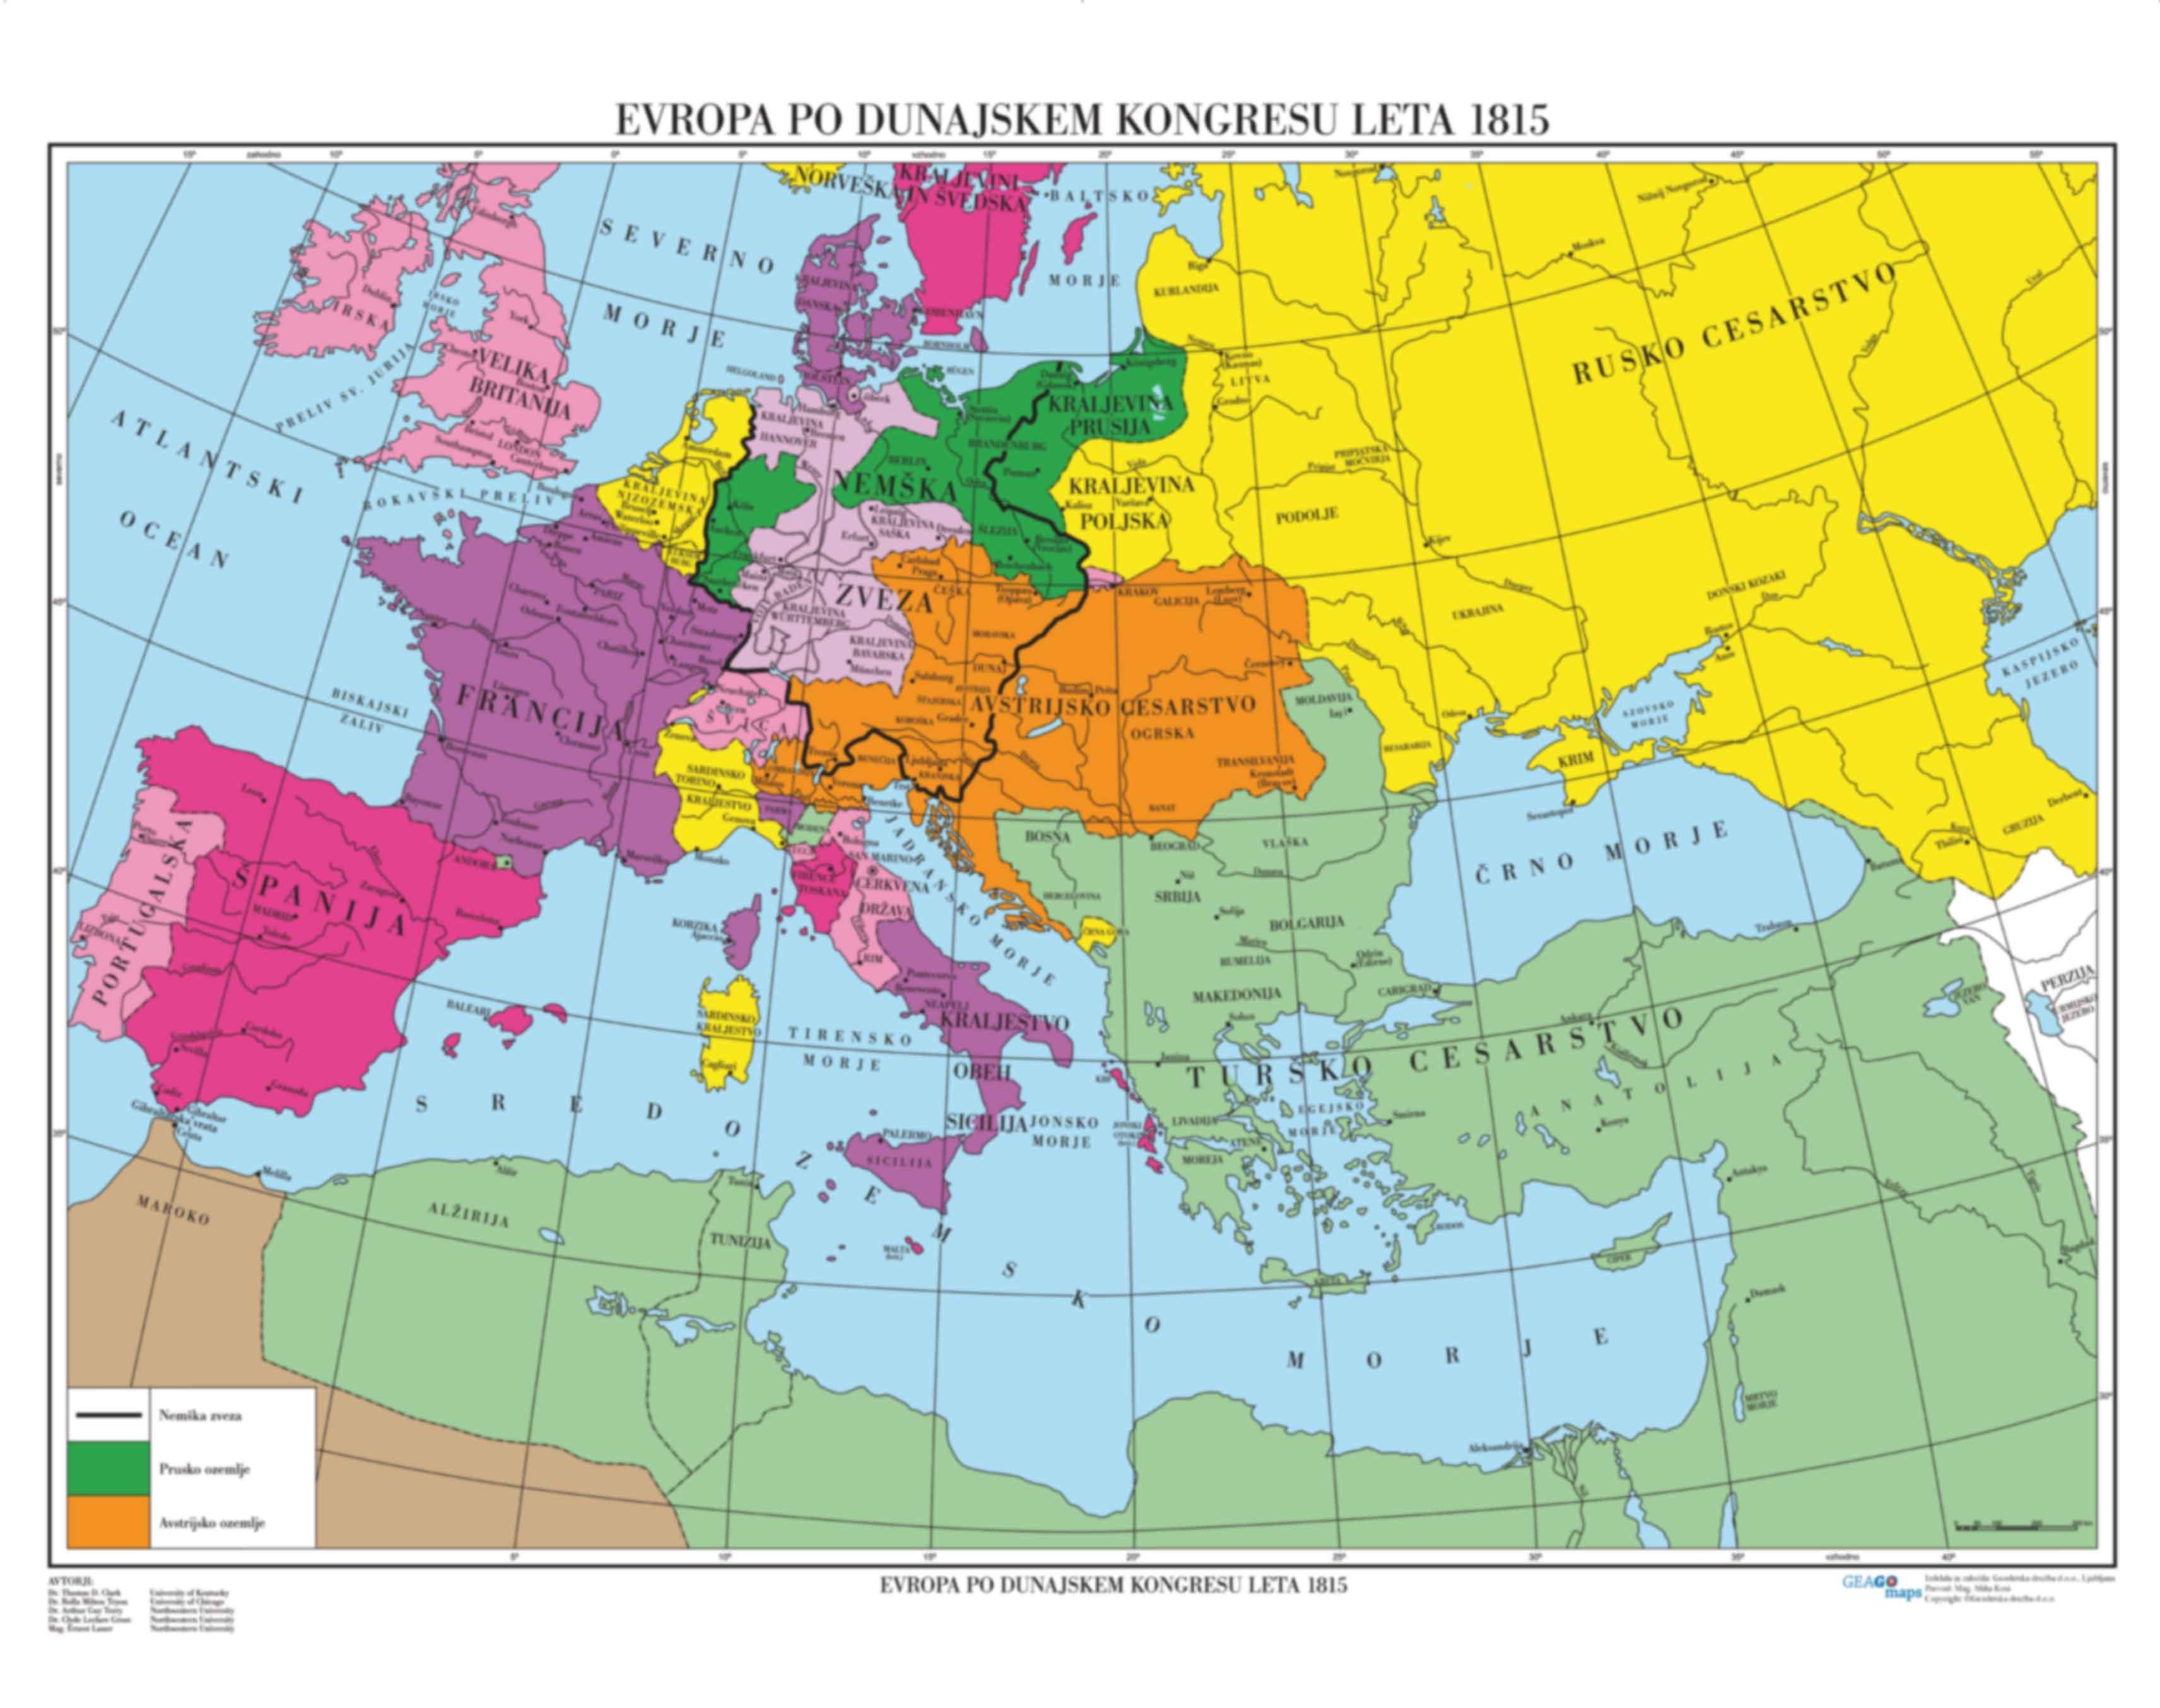 Evropa po Dunajskem kongresu leta 1815